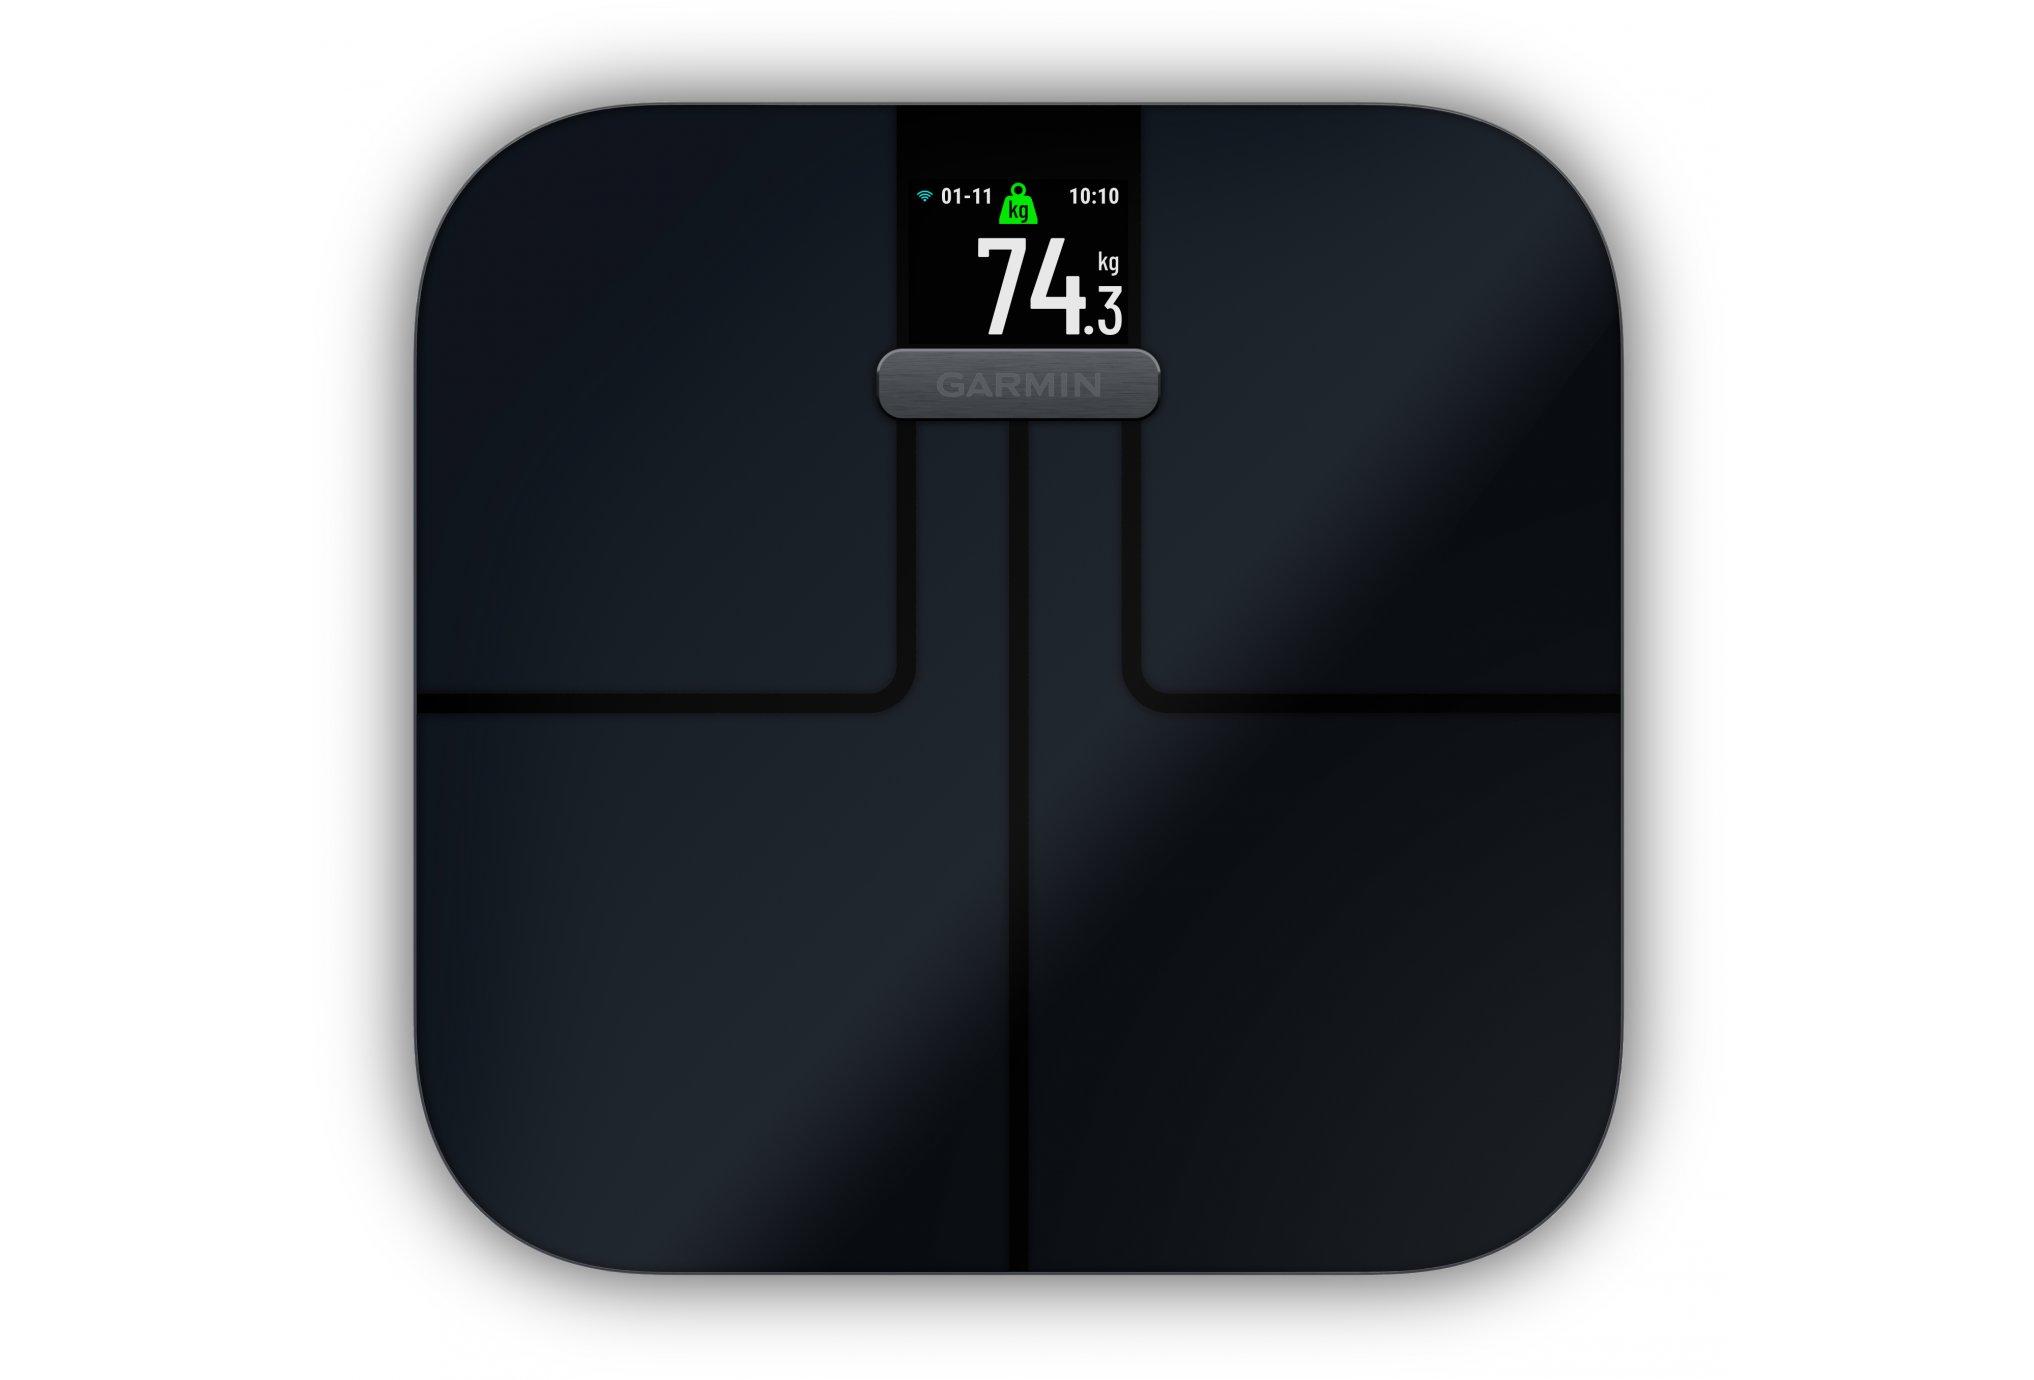 Garmin Balance Index Smart Scale 2 Accessoires connectés